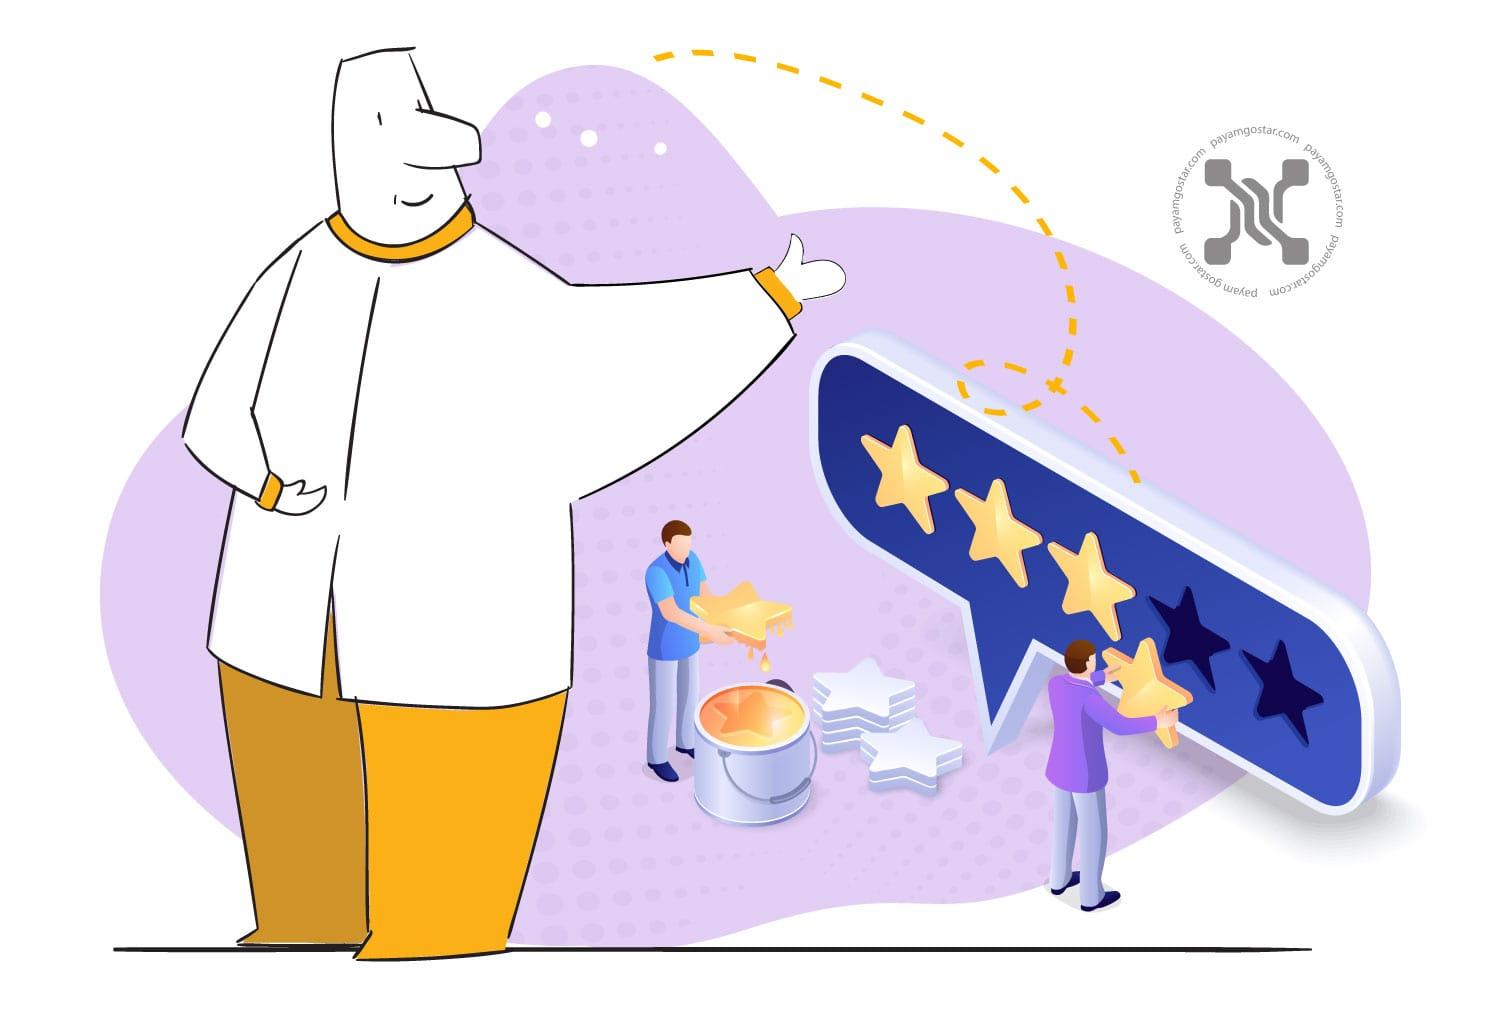 مشتری مداری باید در فرهنگ سازمانی نهادینه شود